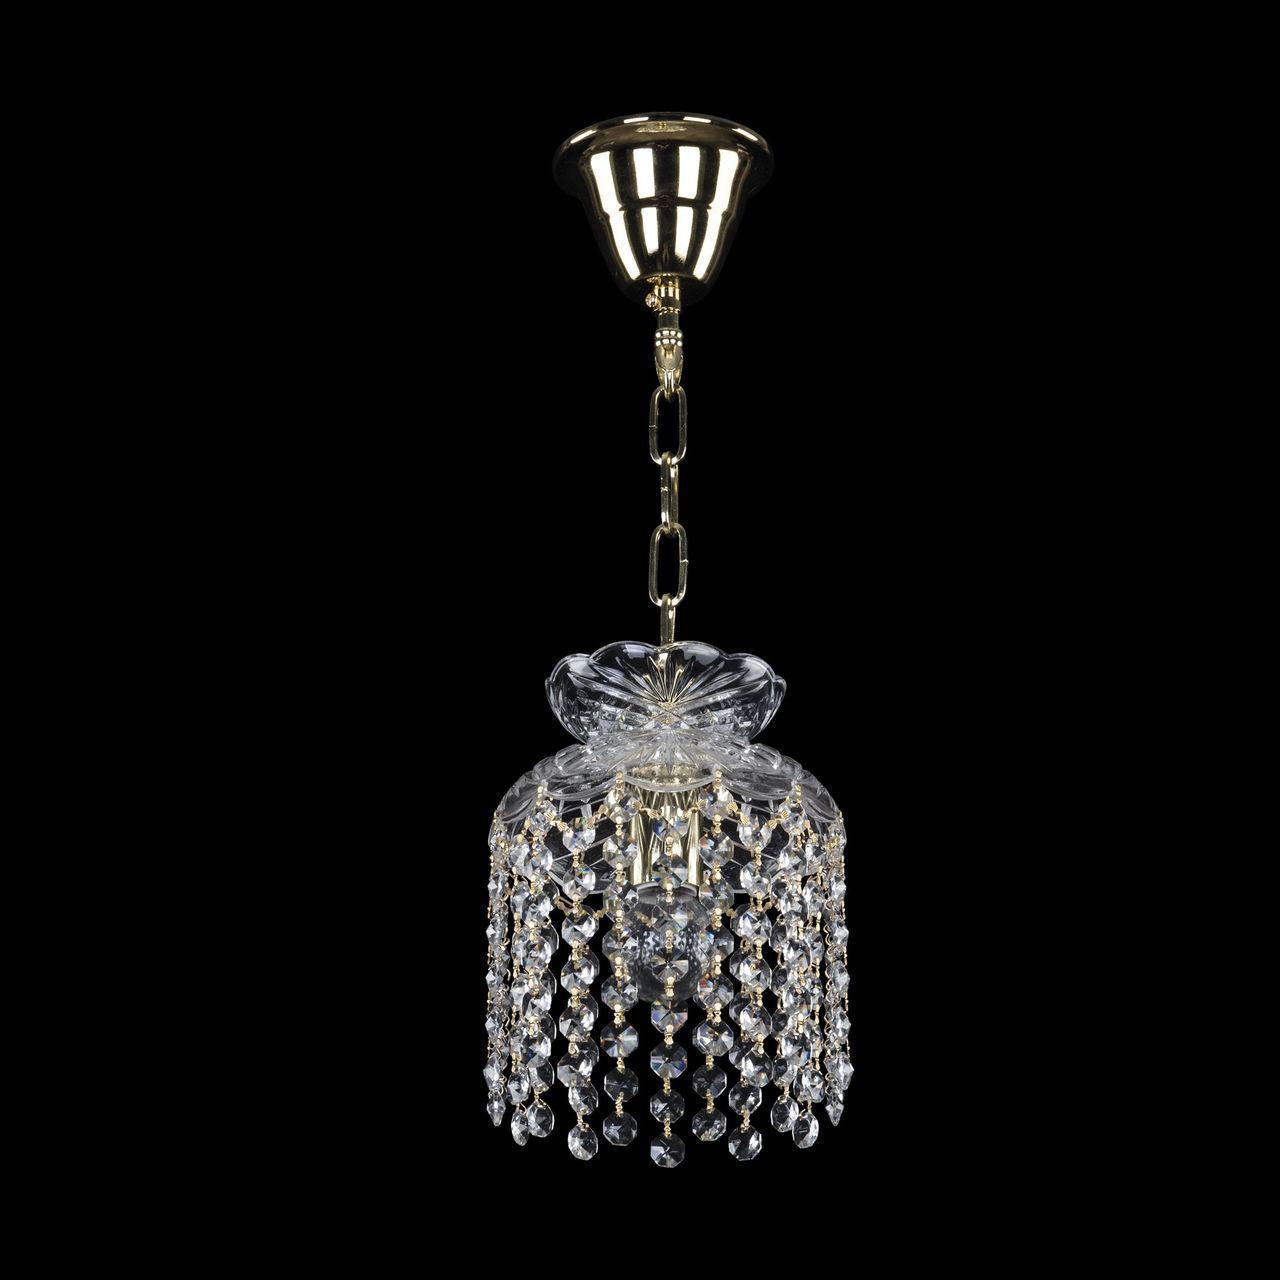 Подвесной светильник Bohemia Ivele 14781/15 G R